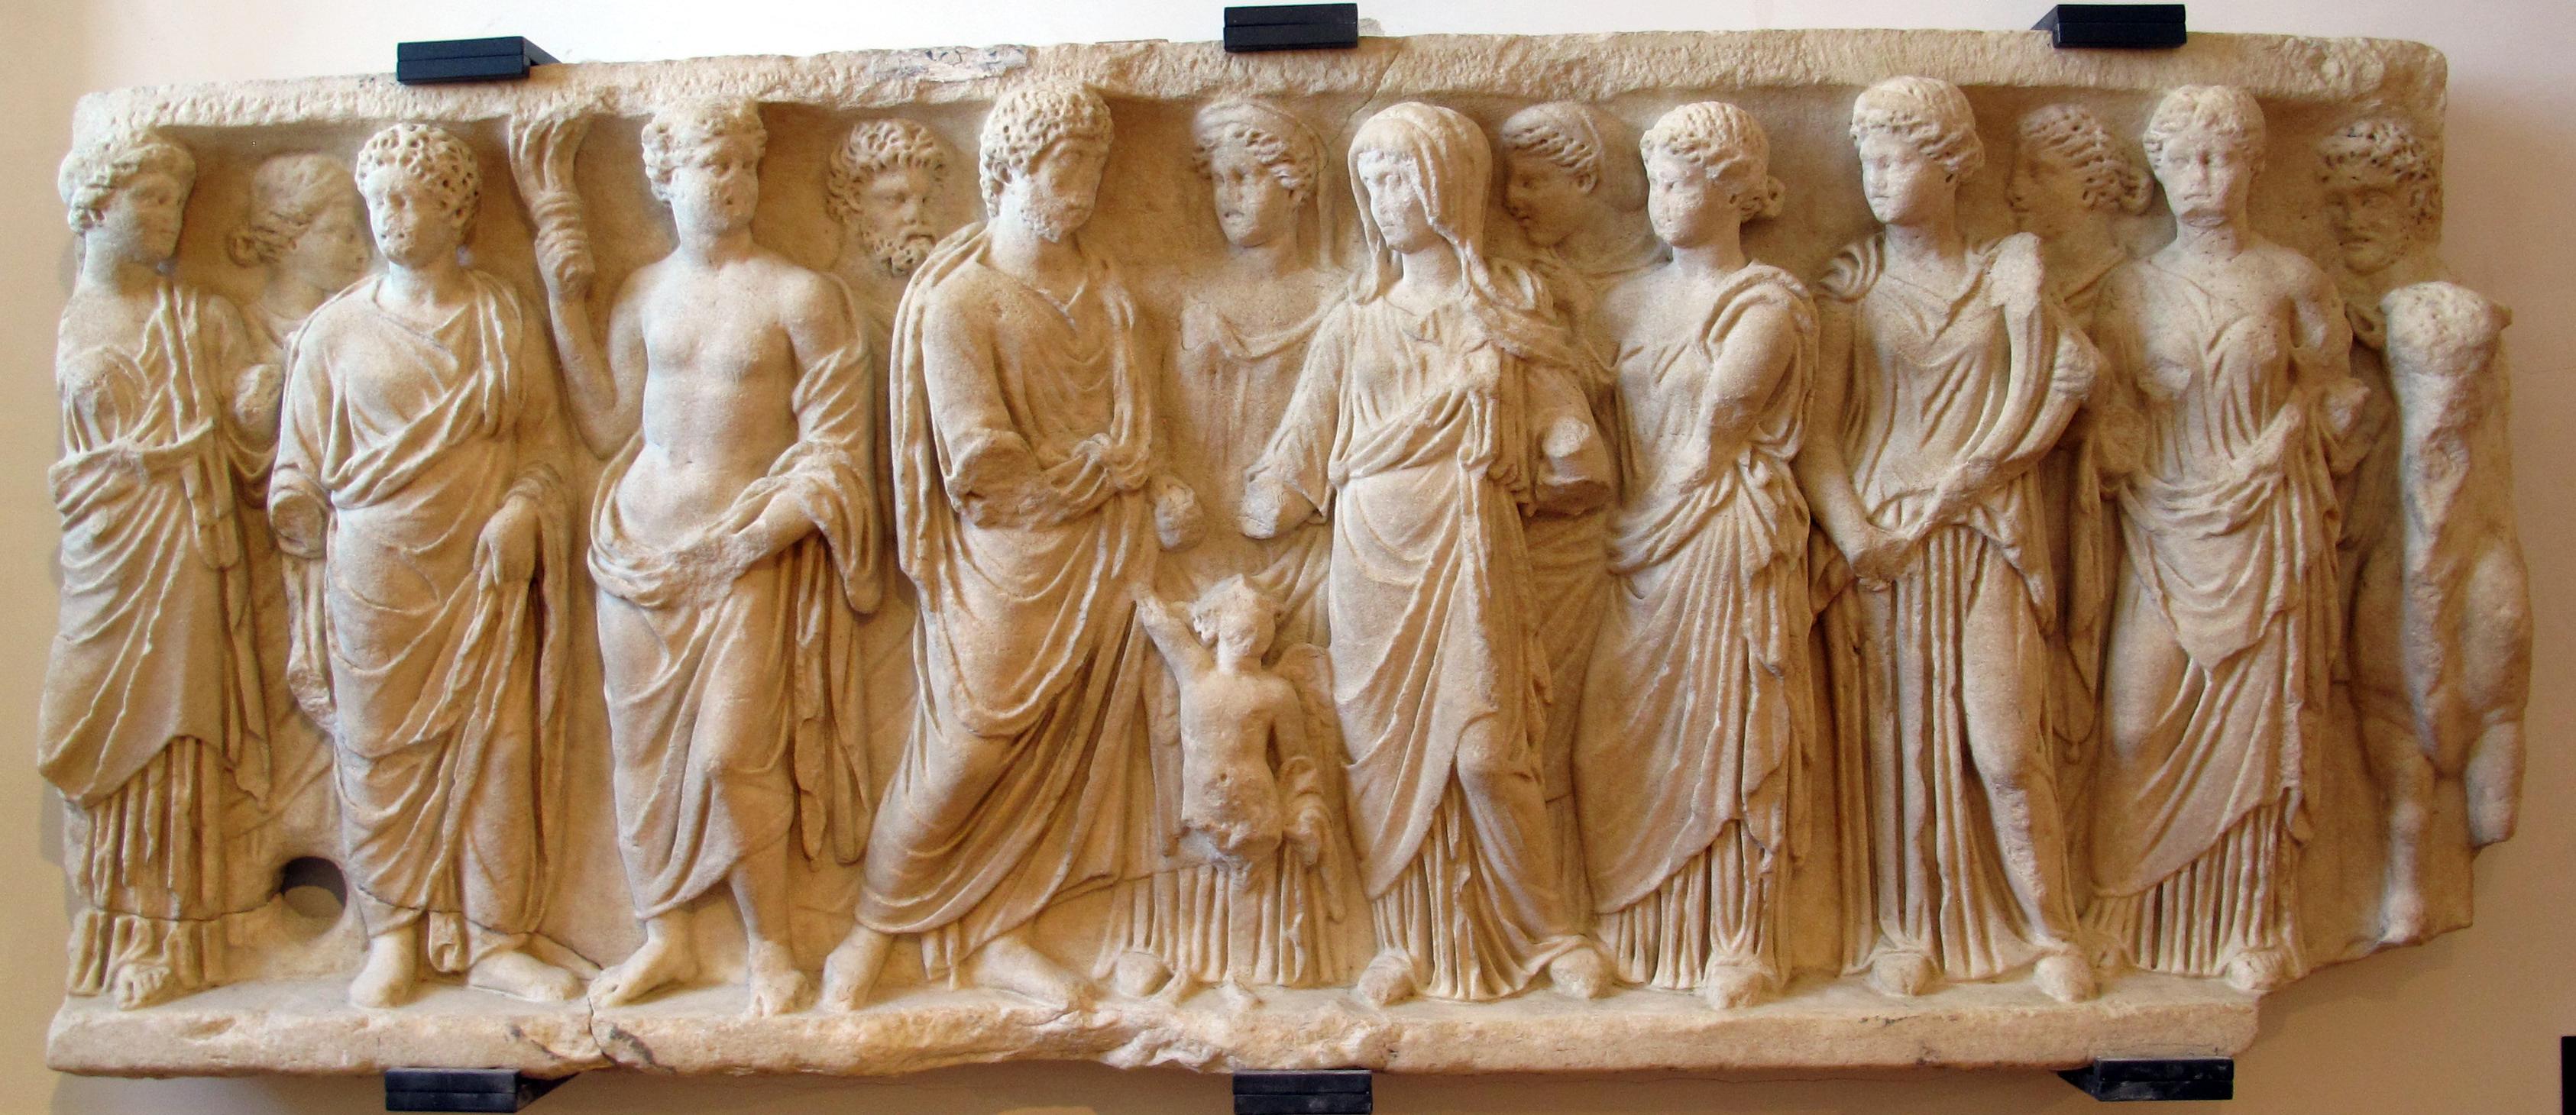 Matrimonio Romano Concepto : File frammento di sarcofago romano con scena matrimonio